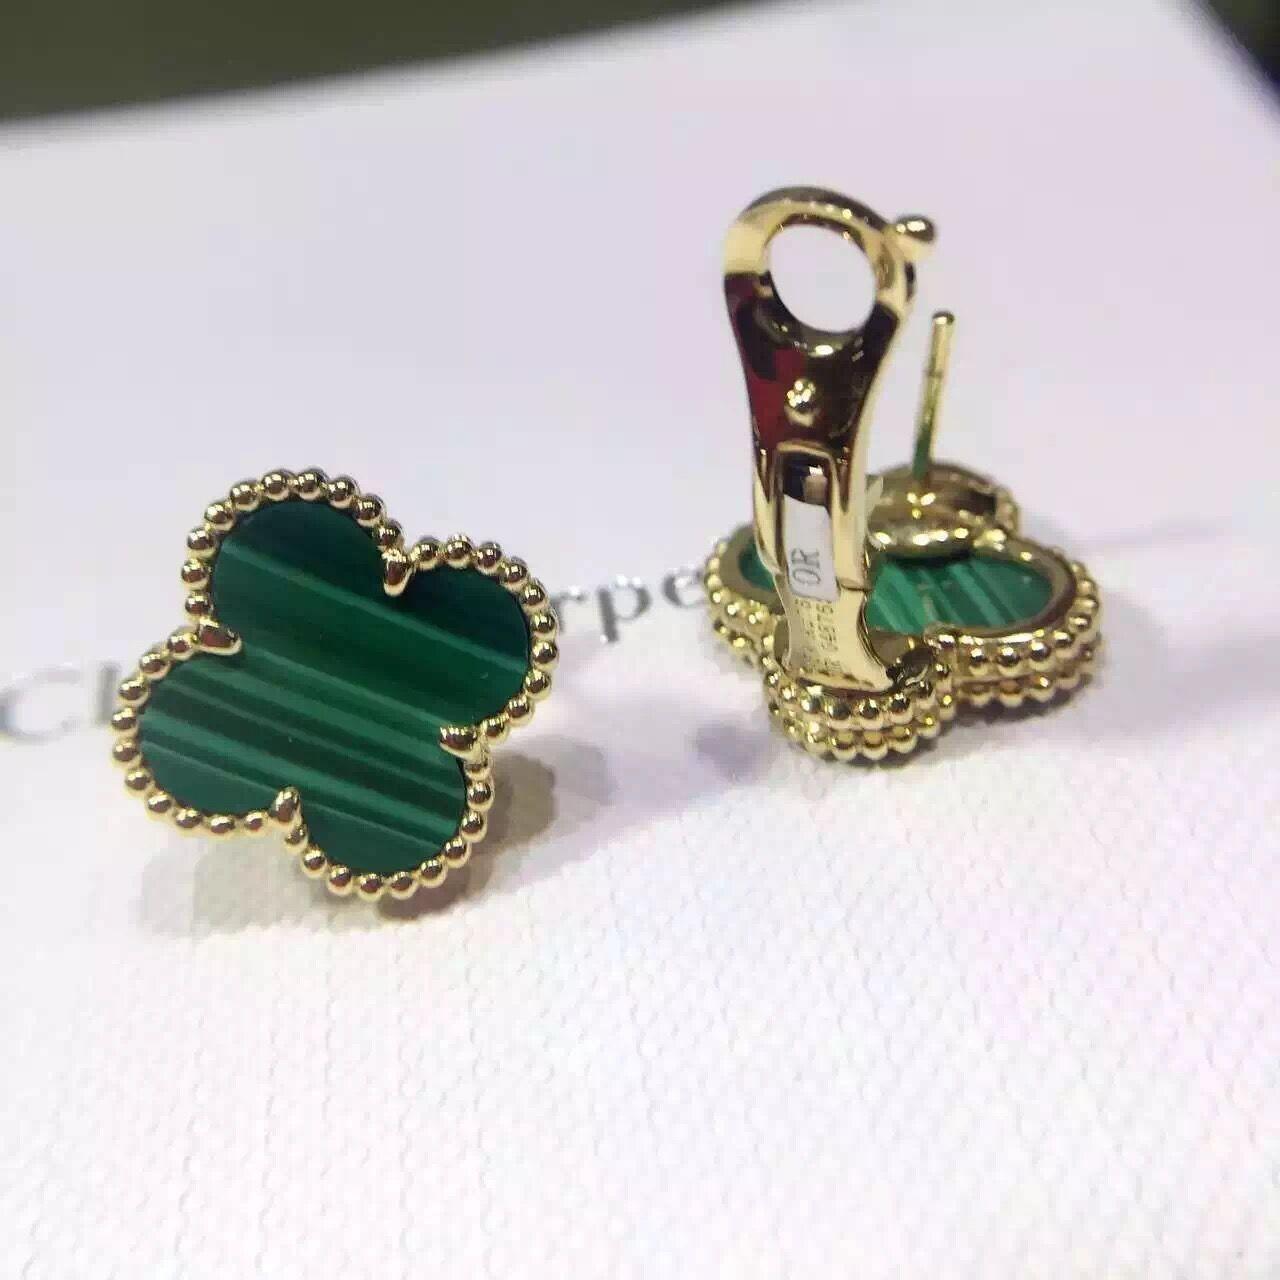 Van cleef arpels most popular vintage alhambra earrings 2